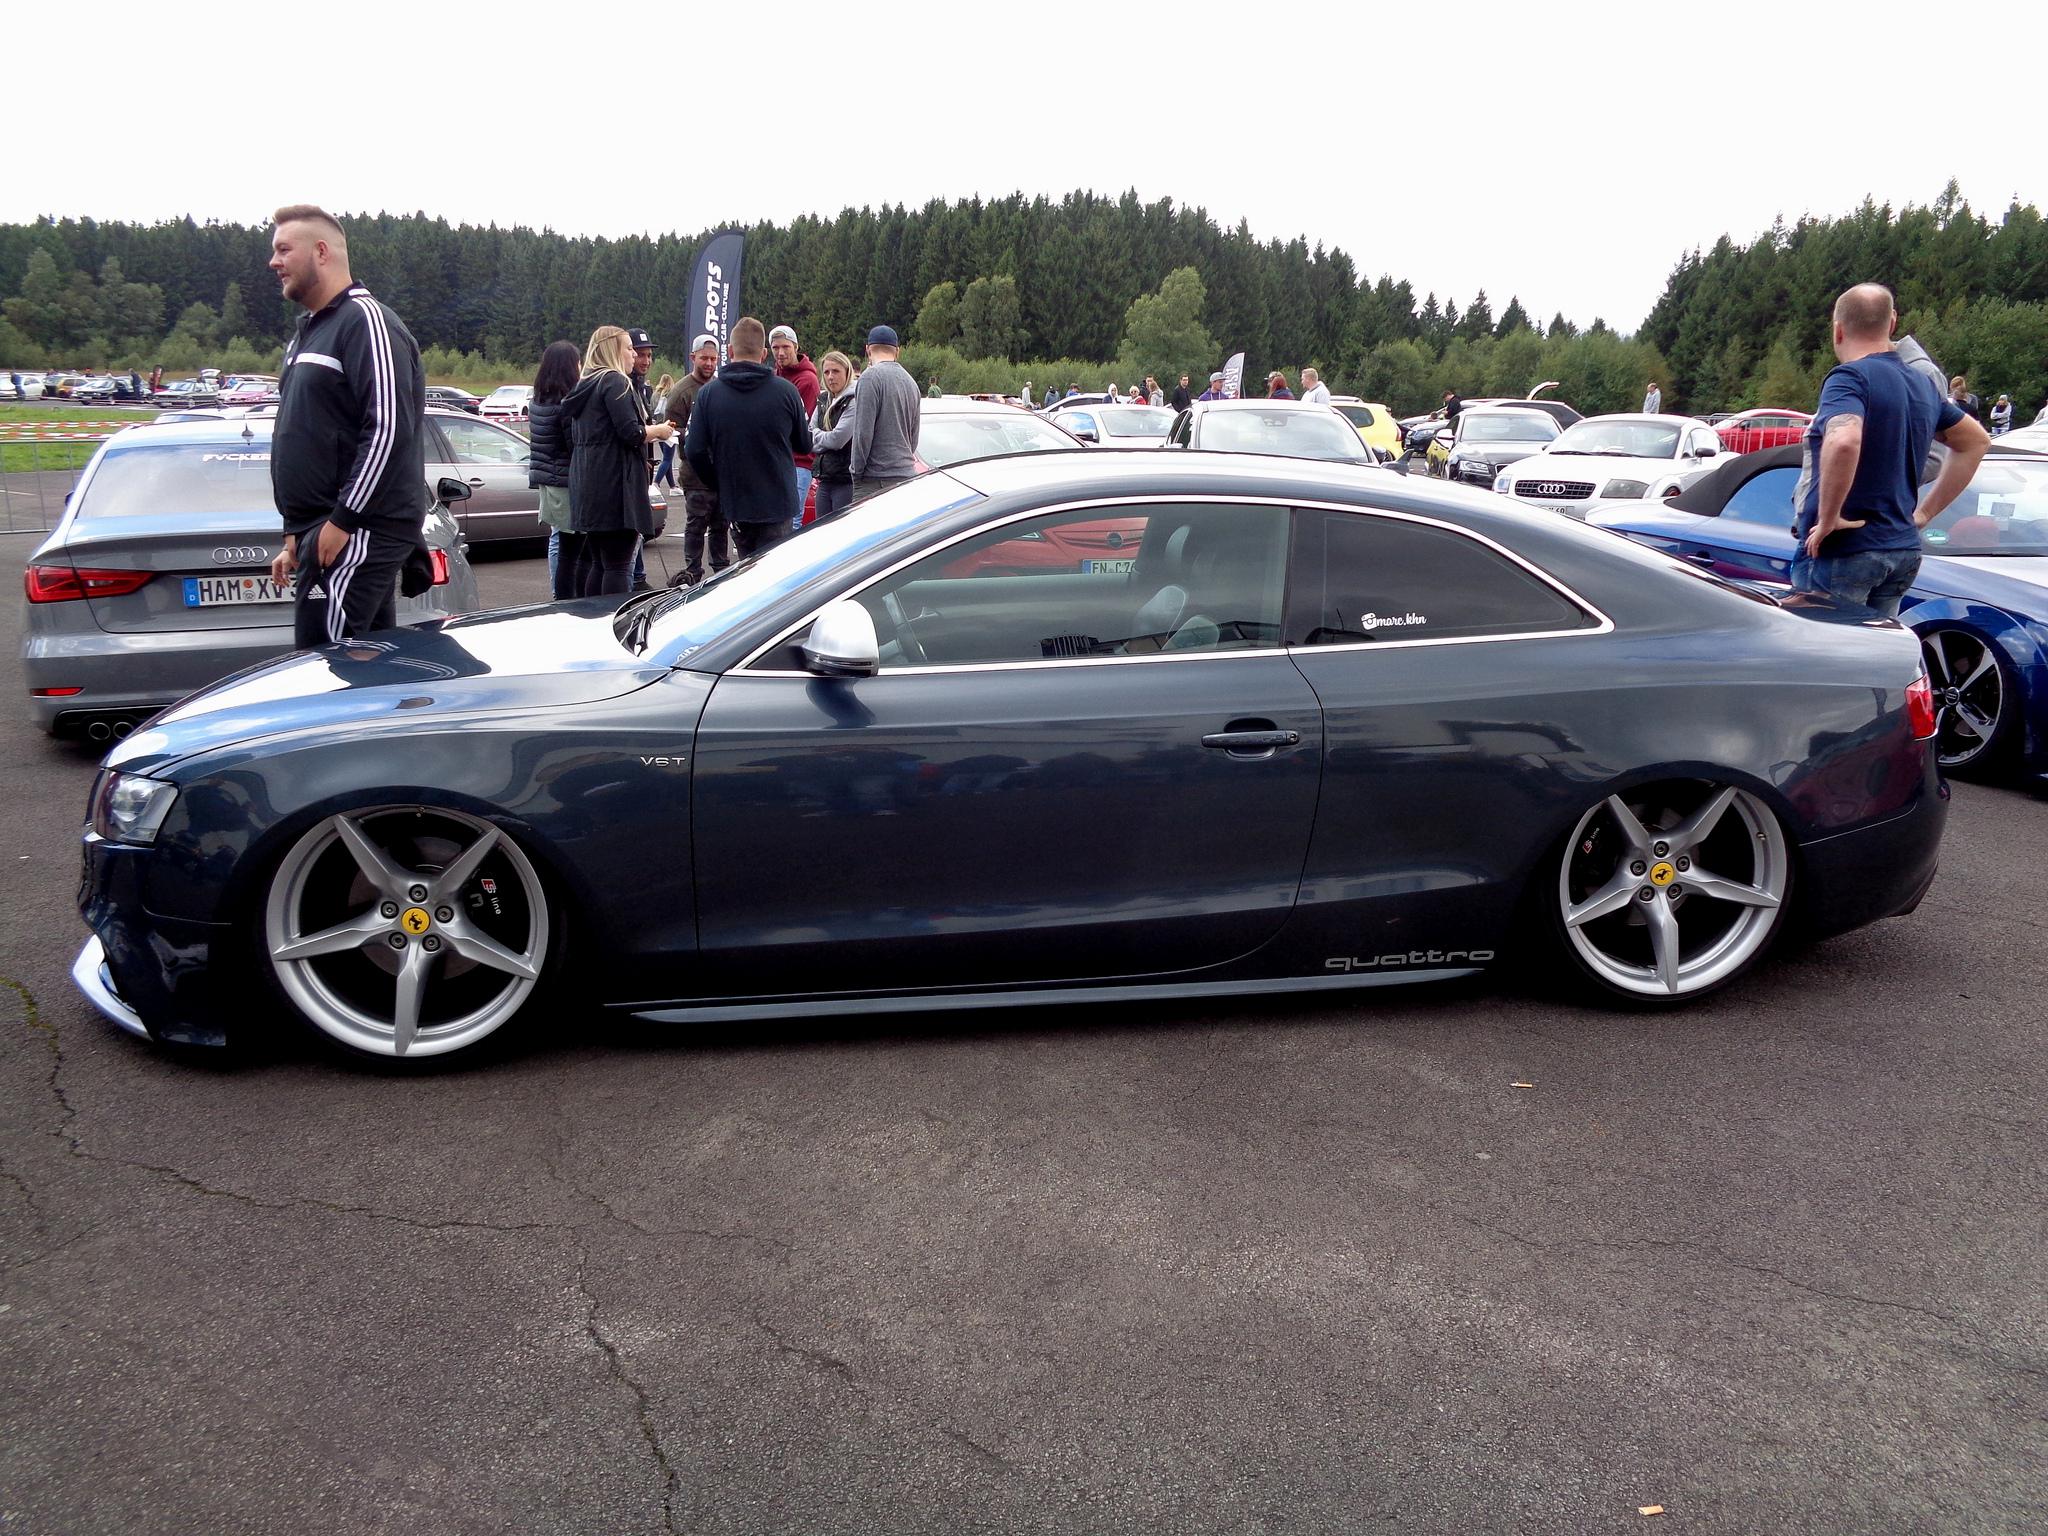 Audi A Tuning Tuning - Audi tuning